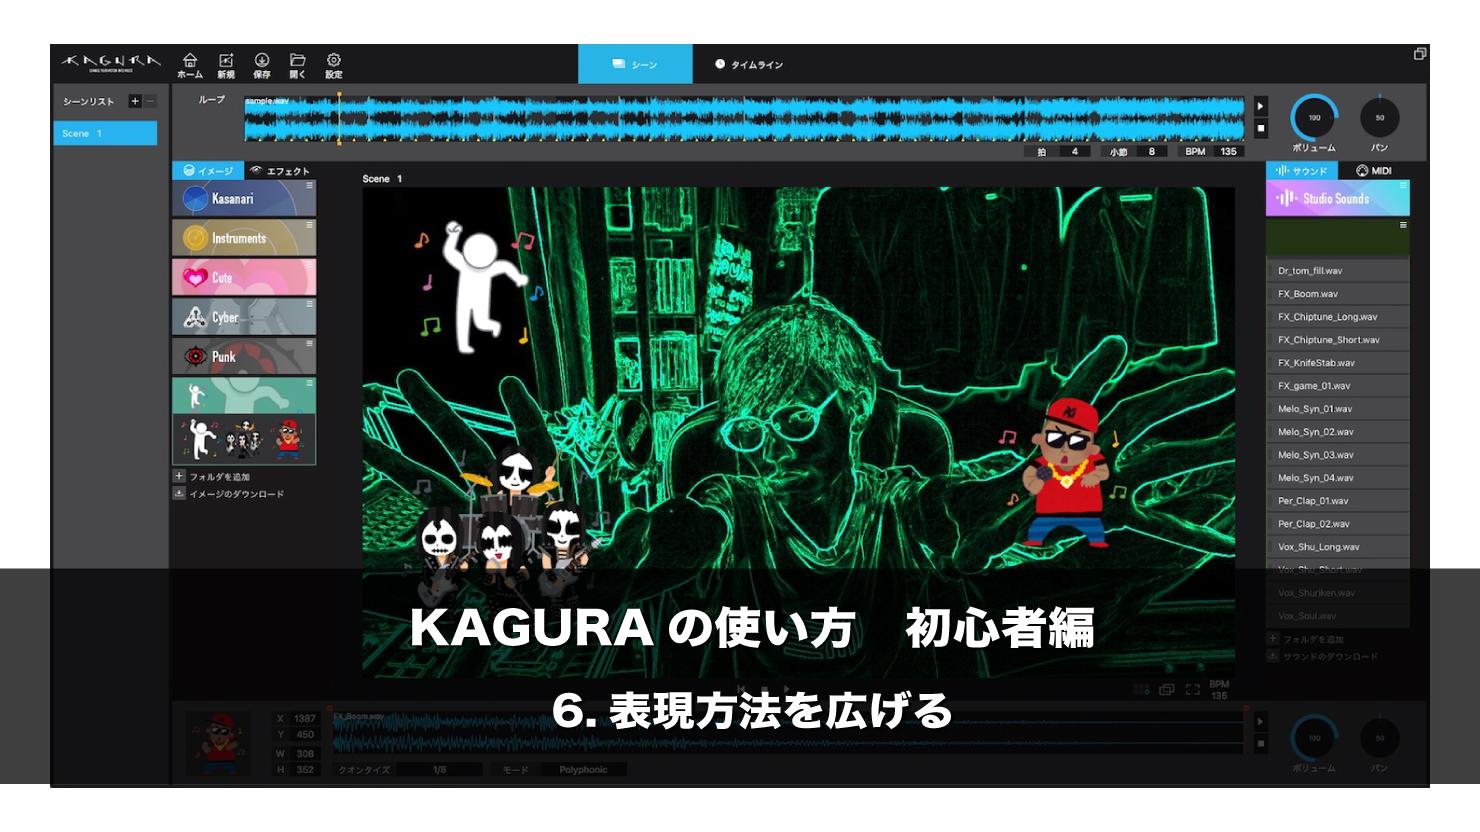 kagura_06_ top_2